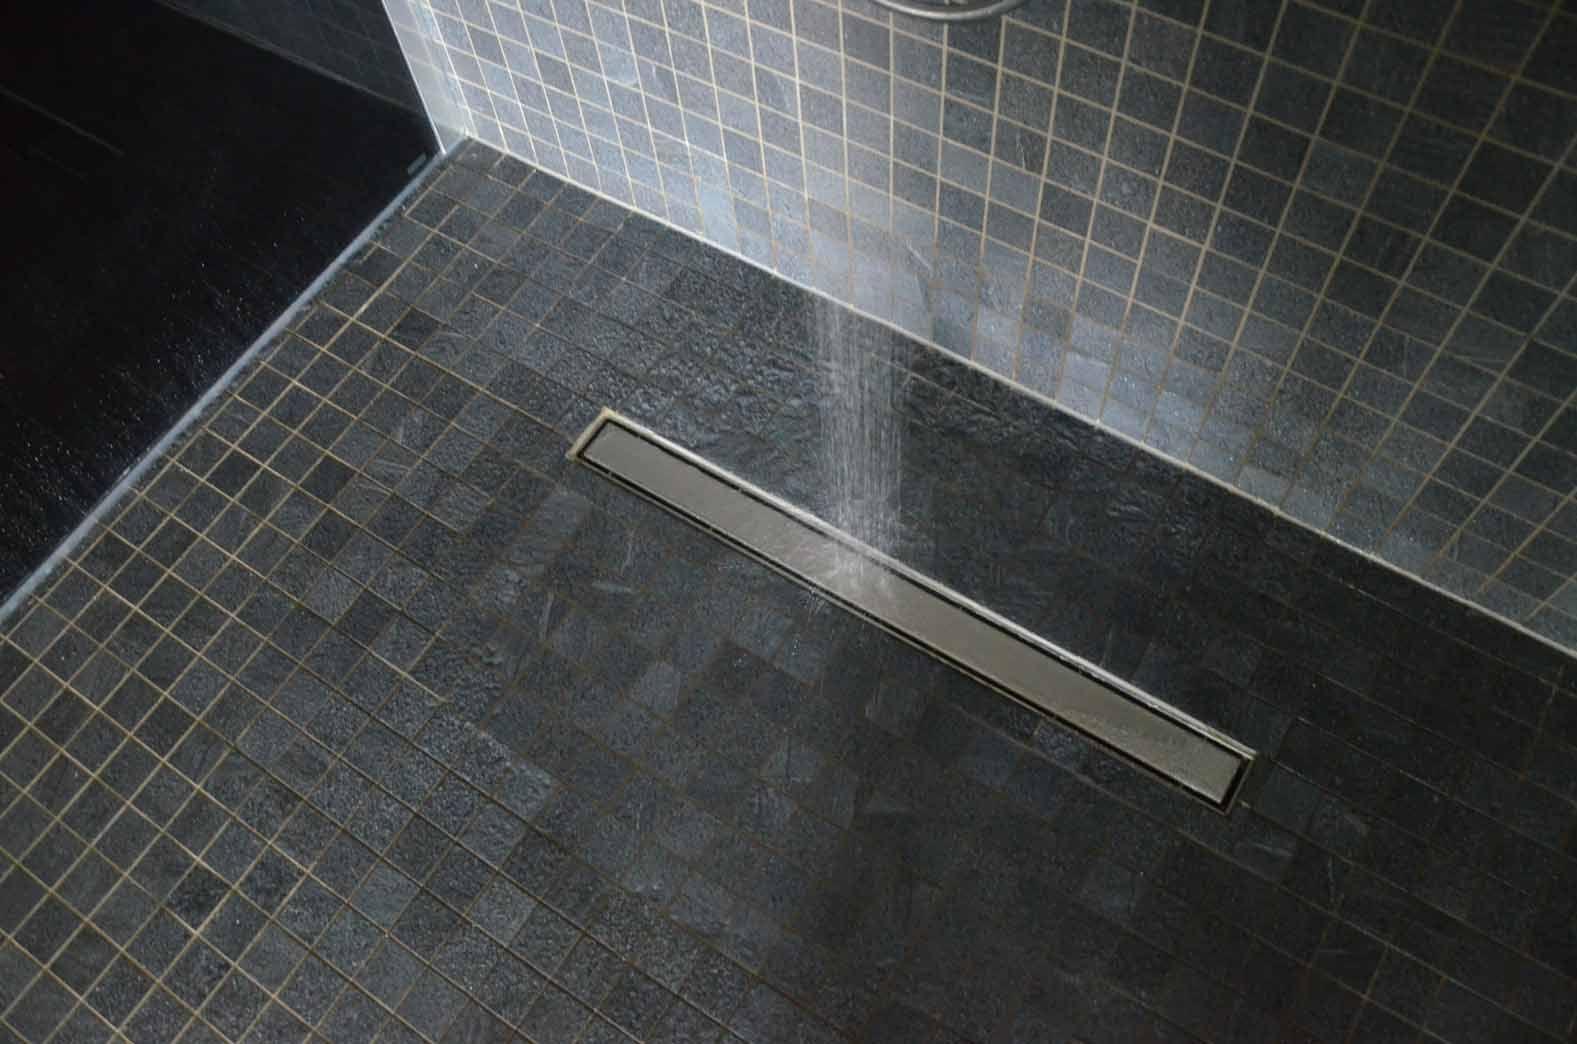 Befliester Duschbereich mit Rinne in den Duschen des